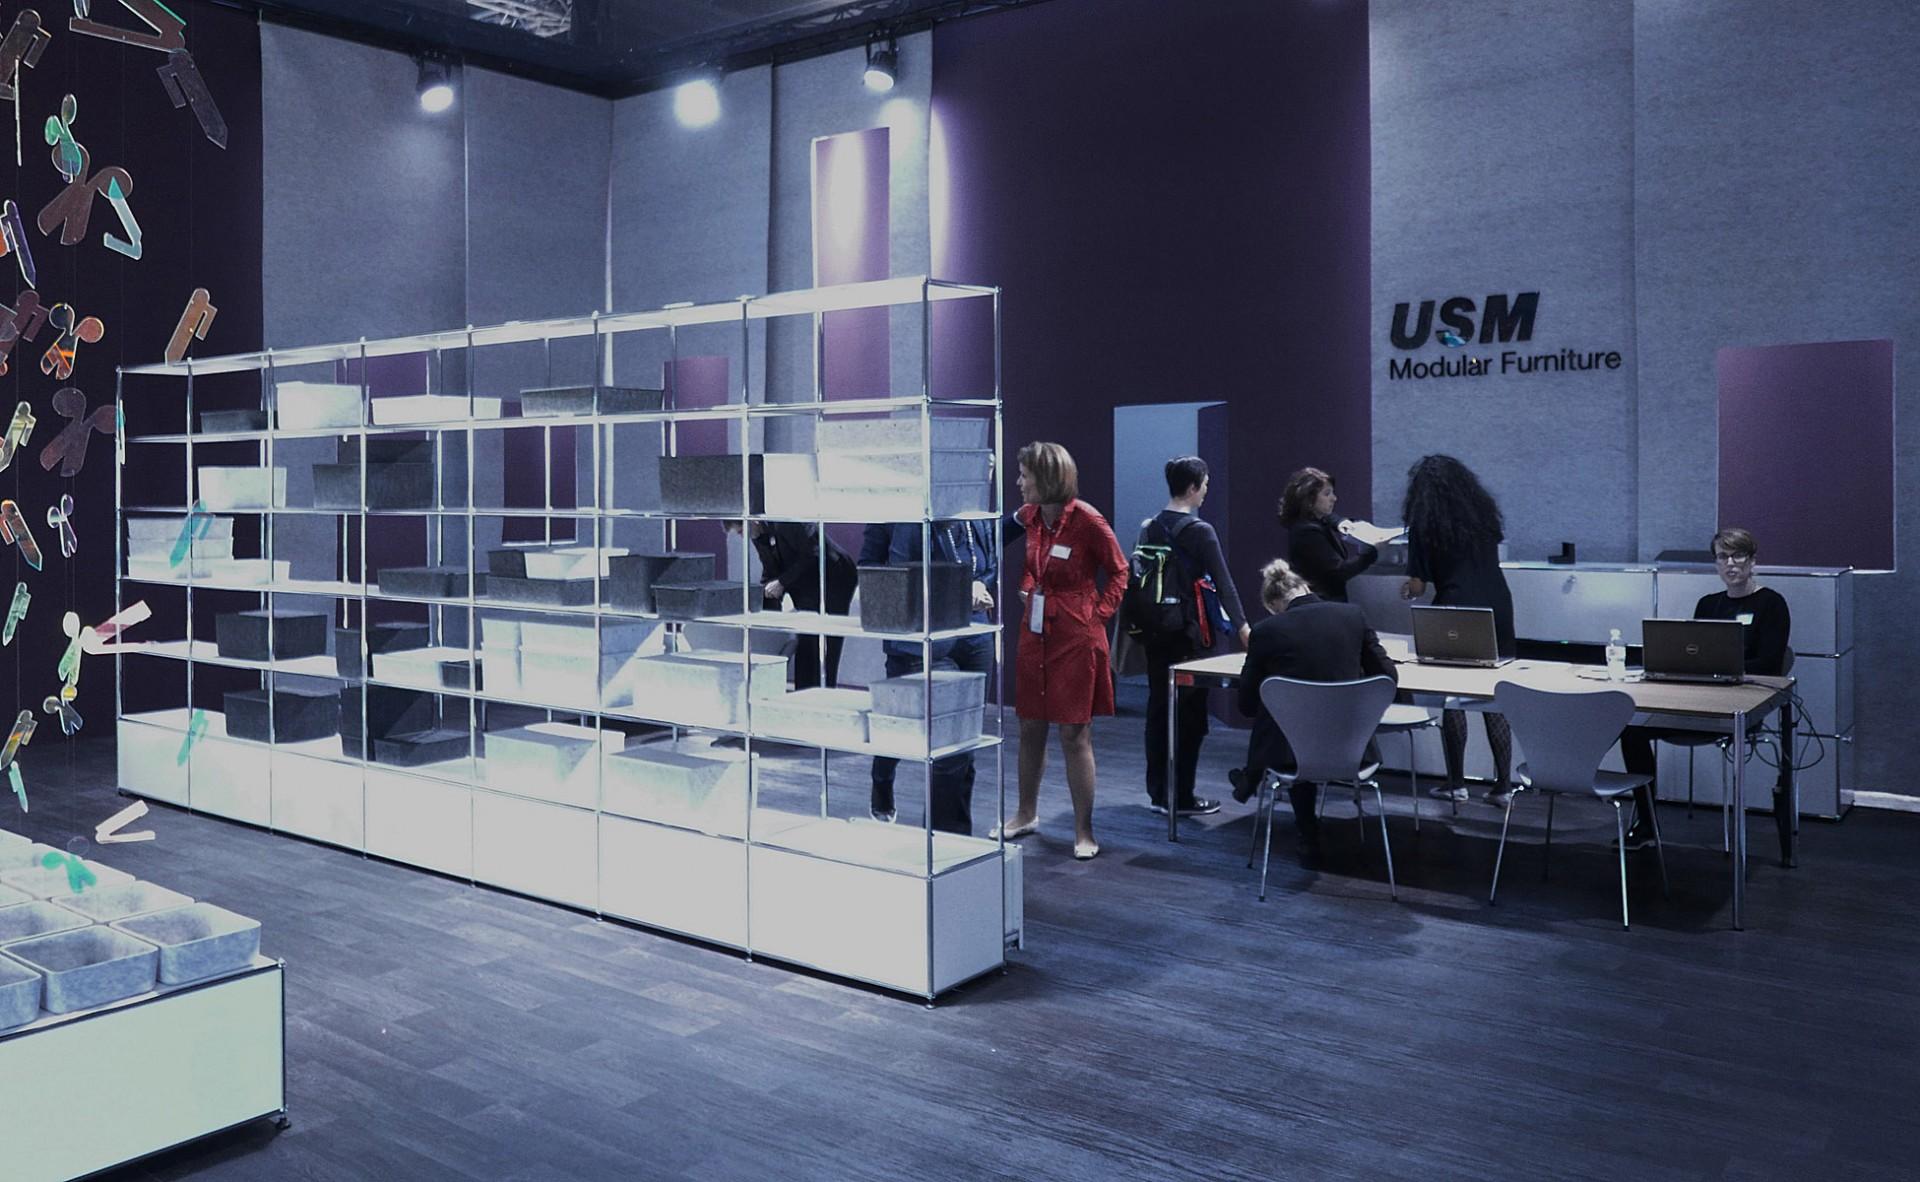 09 usm inos box by steidten+ in berlin